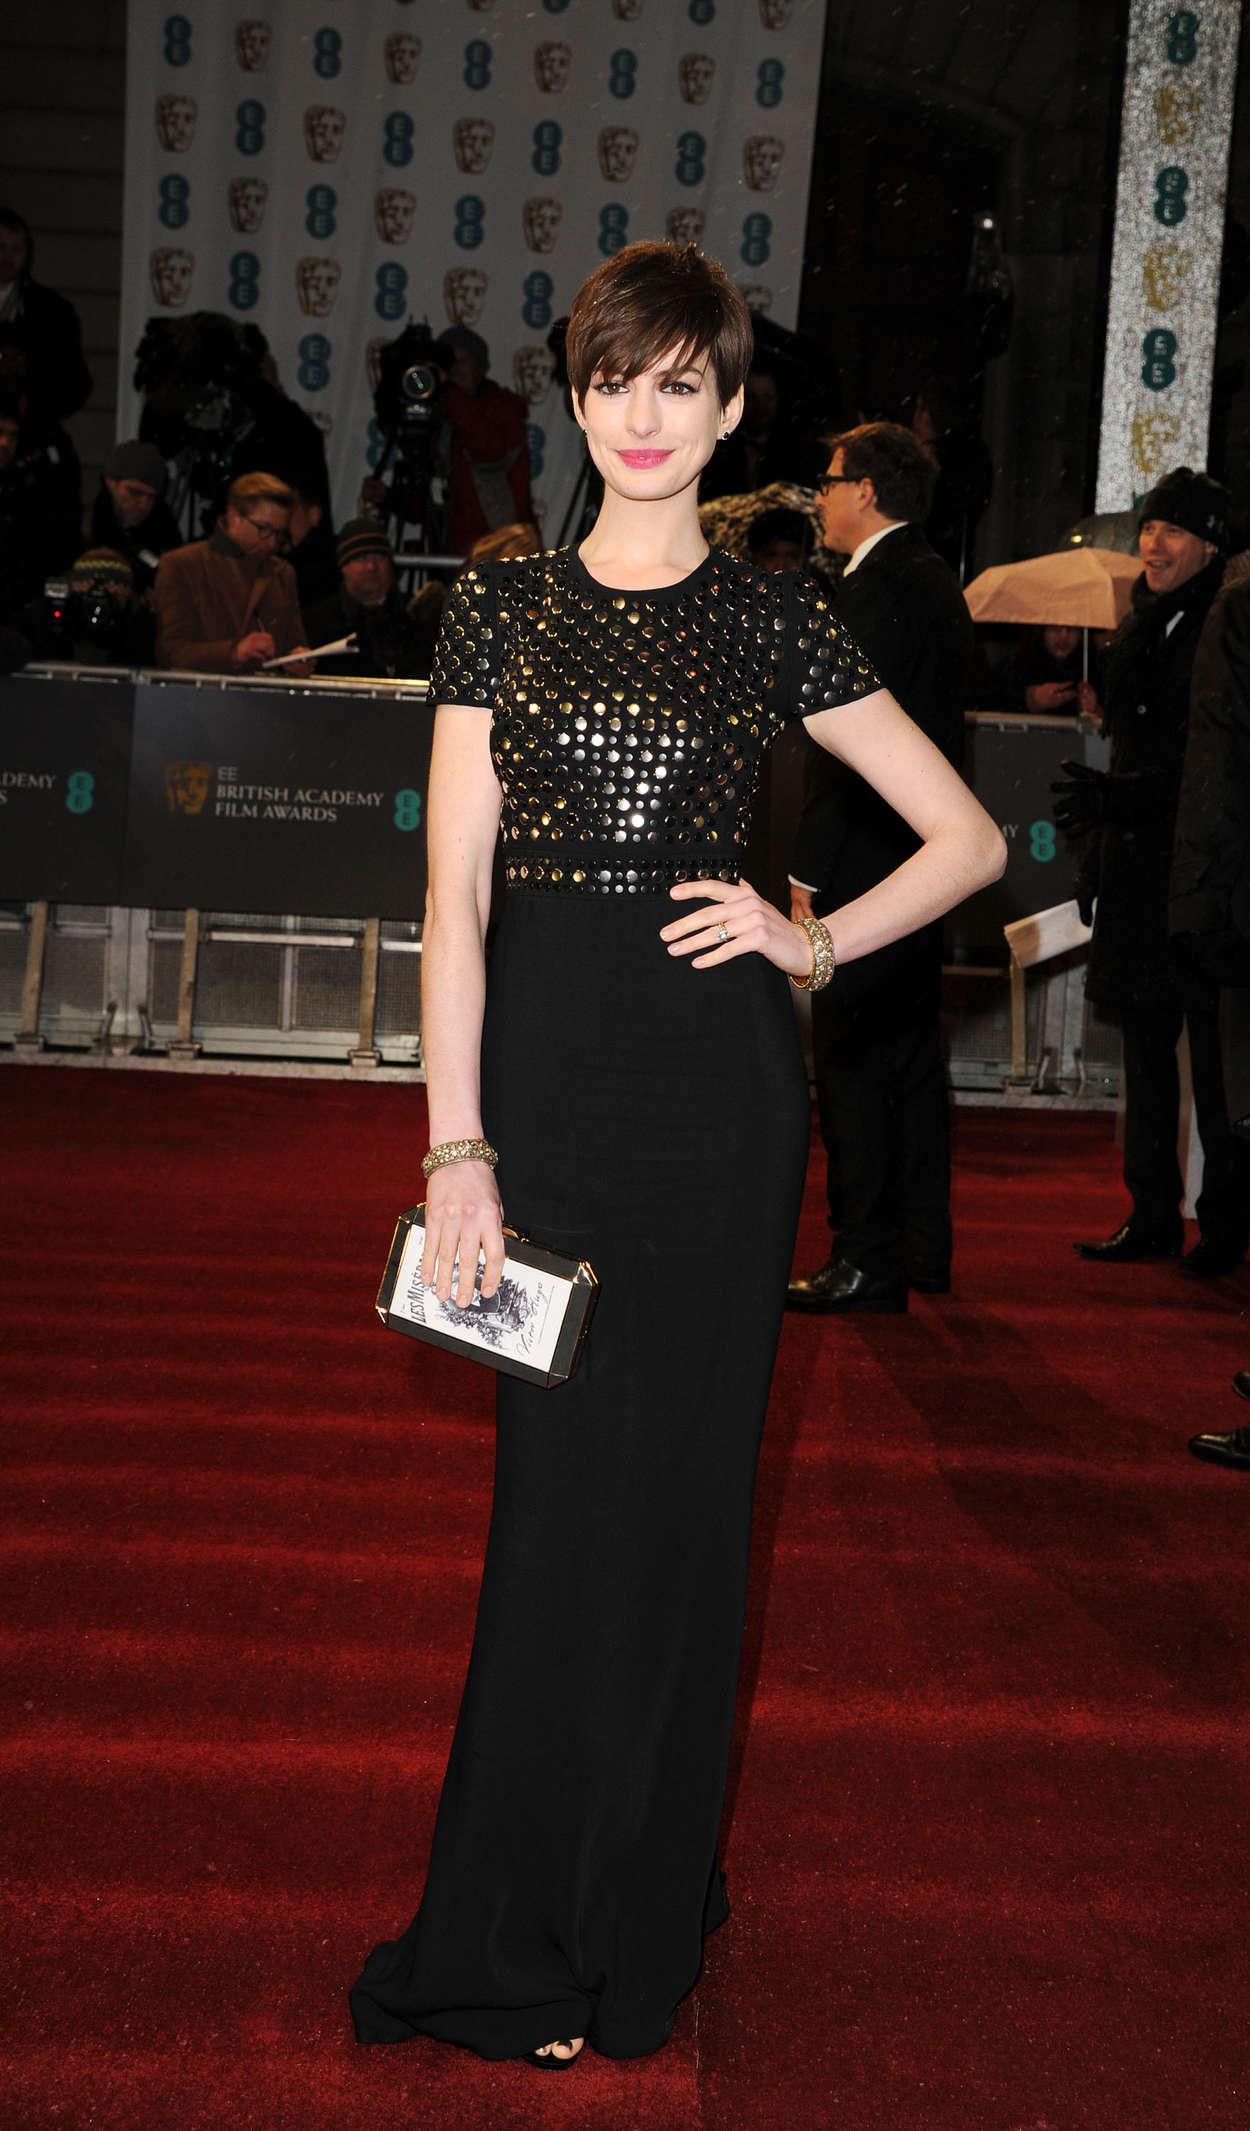 Anne Hathaway: 2014 Chanel Charles Finch Pre-Oscar Dinner